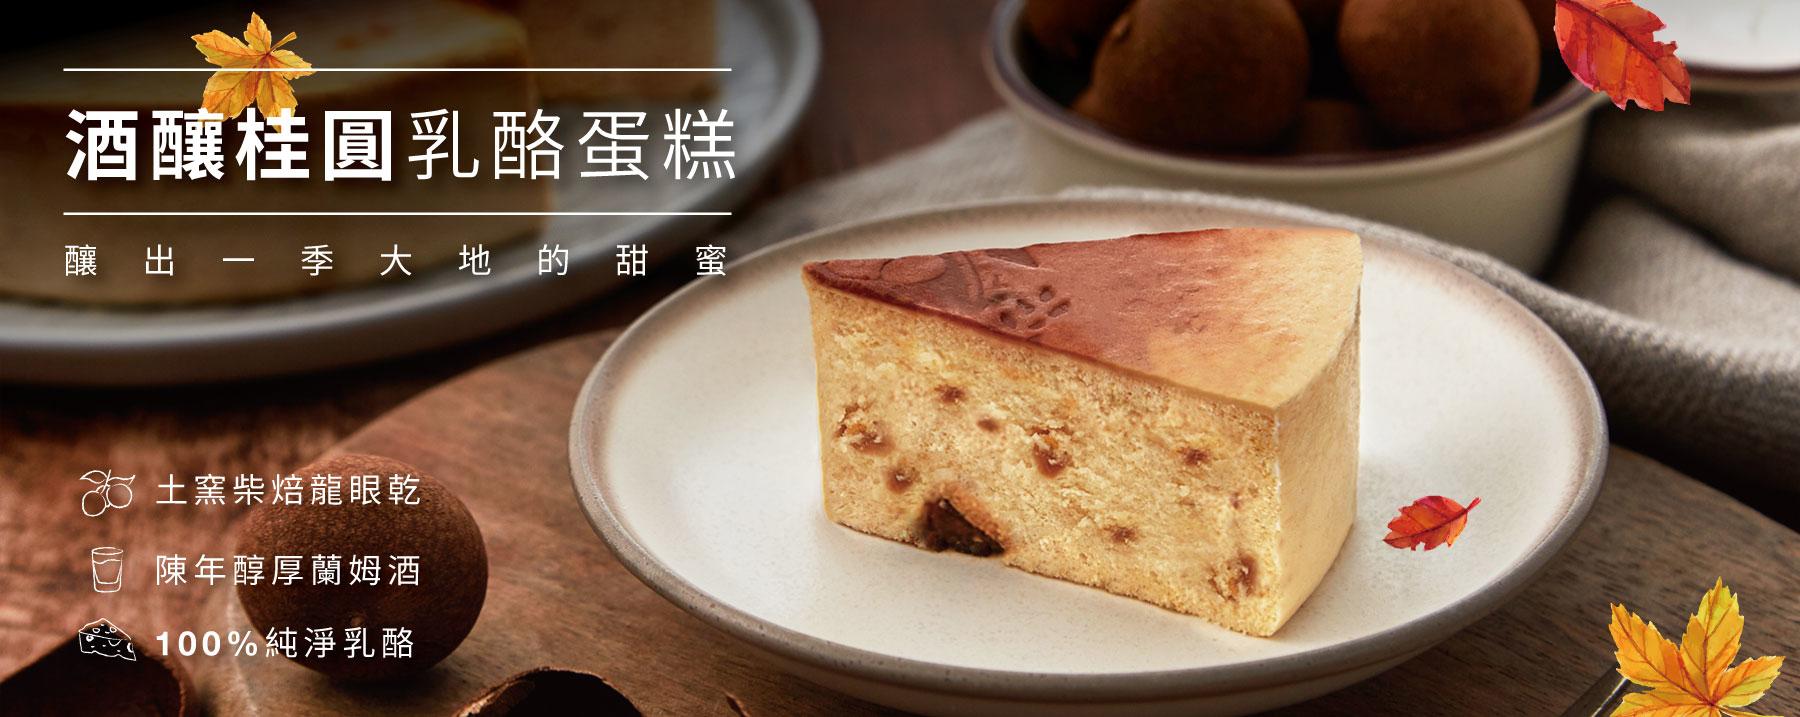 酒釀桂圓 ,乳酪蛋糕 ,龍眼 ,秋天 ,甜點 ,桂圓 ,重乳酪